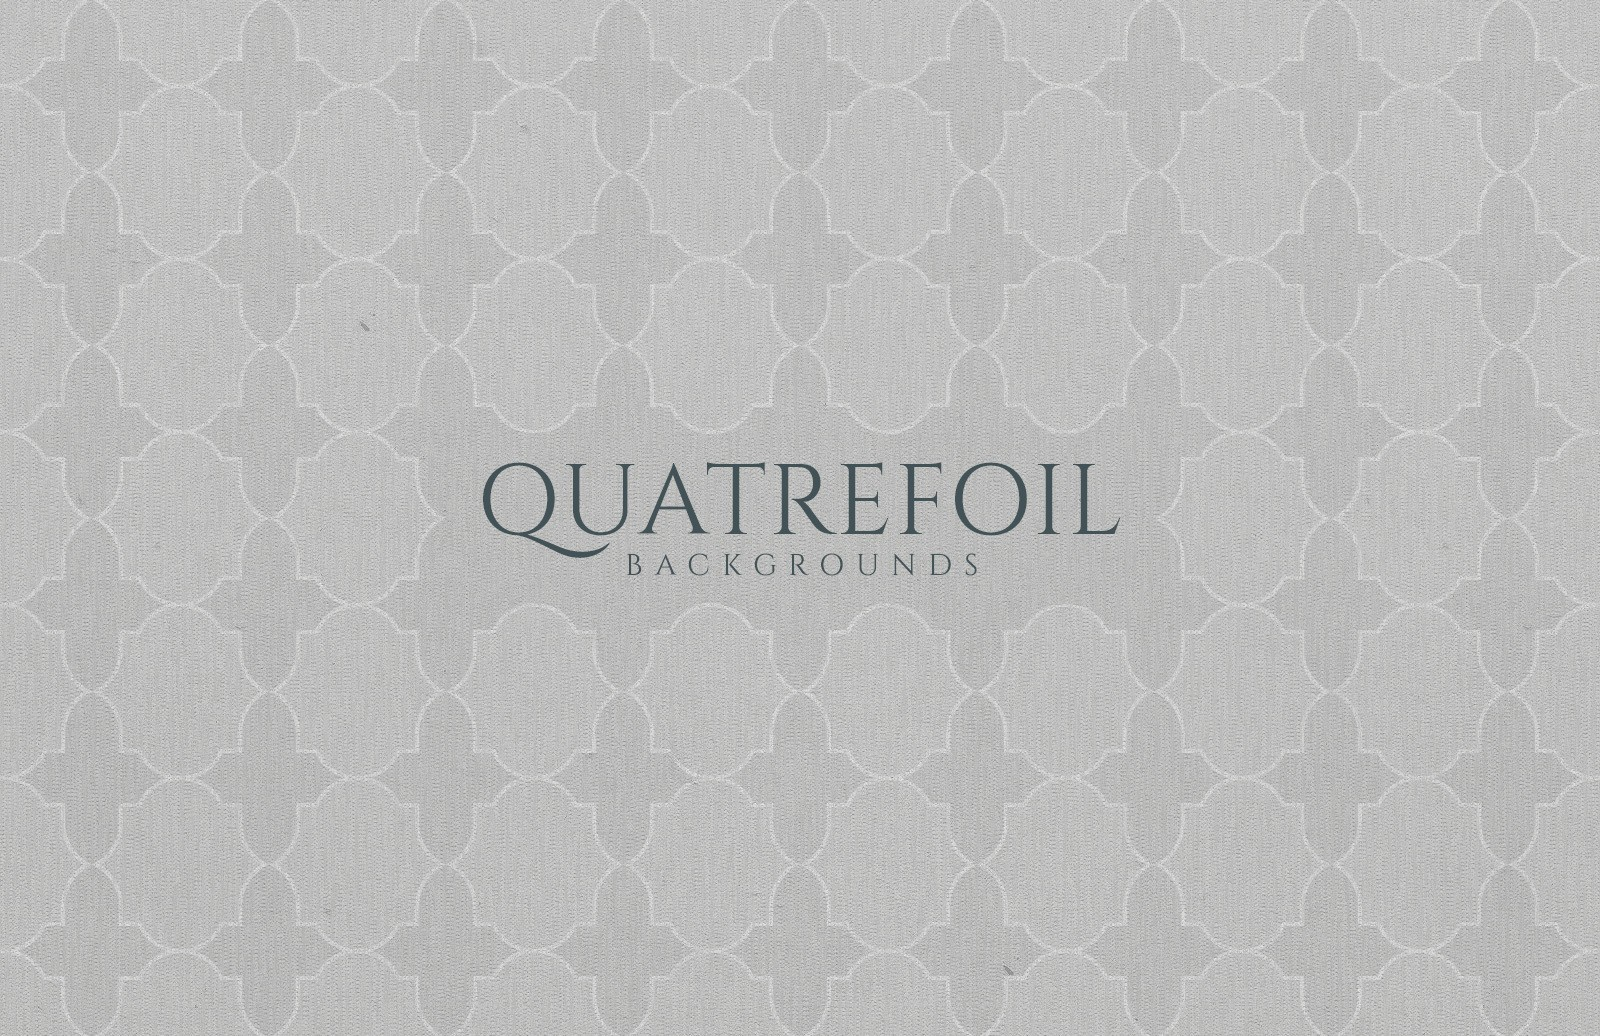 Quatrefoil Backgrounds Preview 1